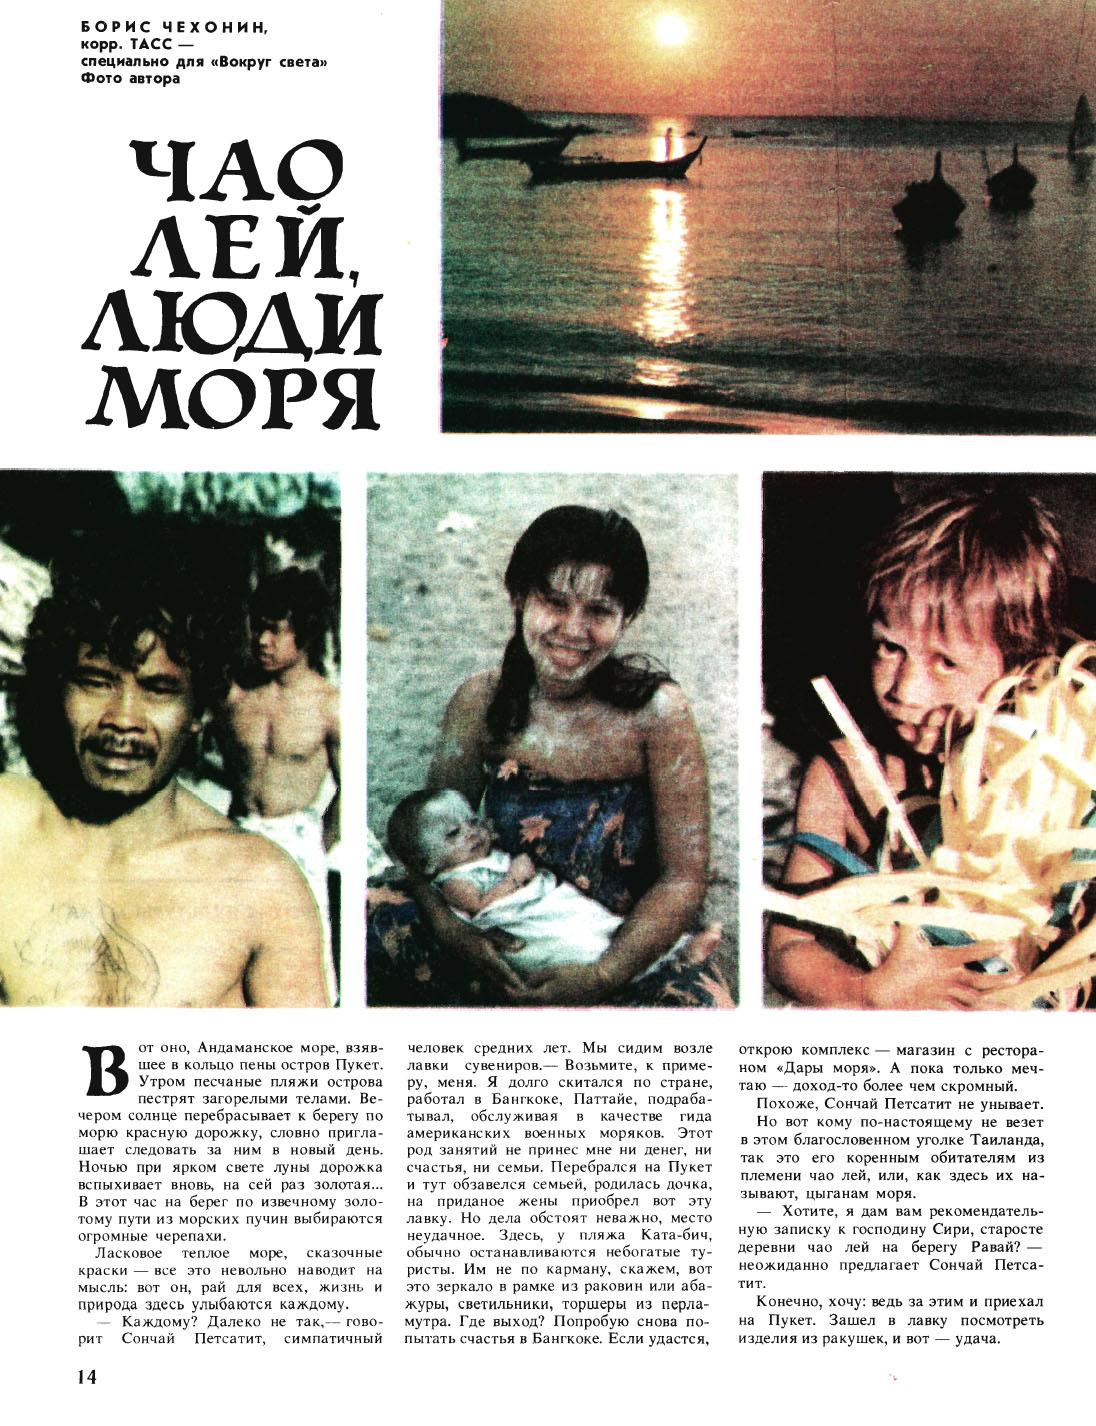 VS_1988-05_01.jpg